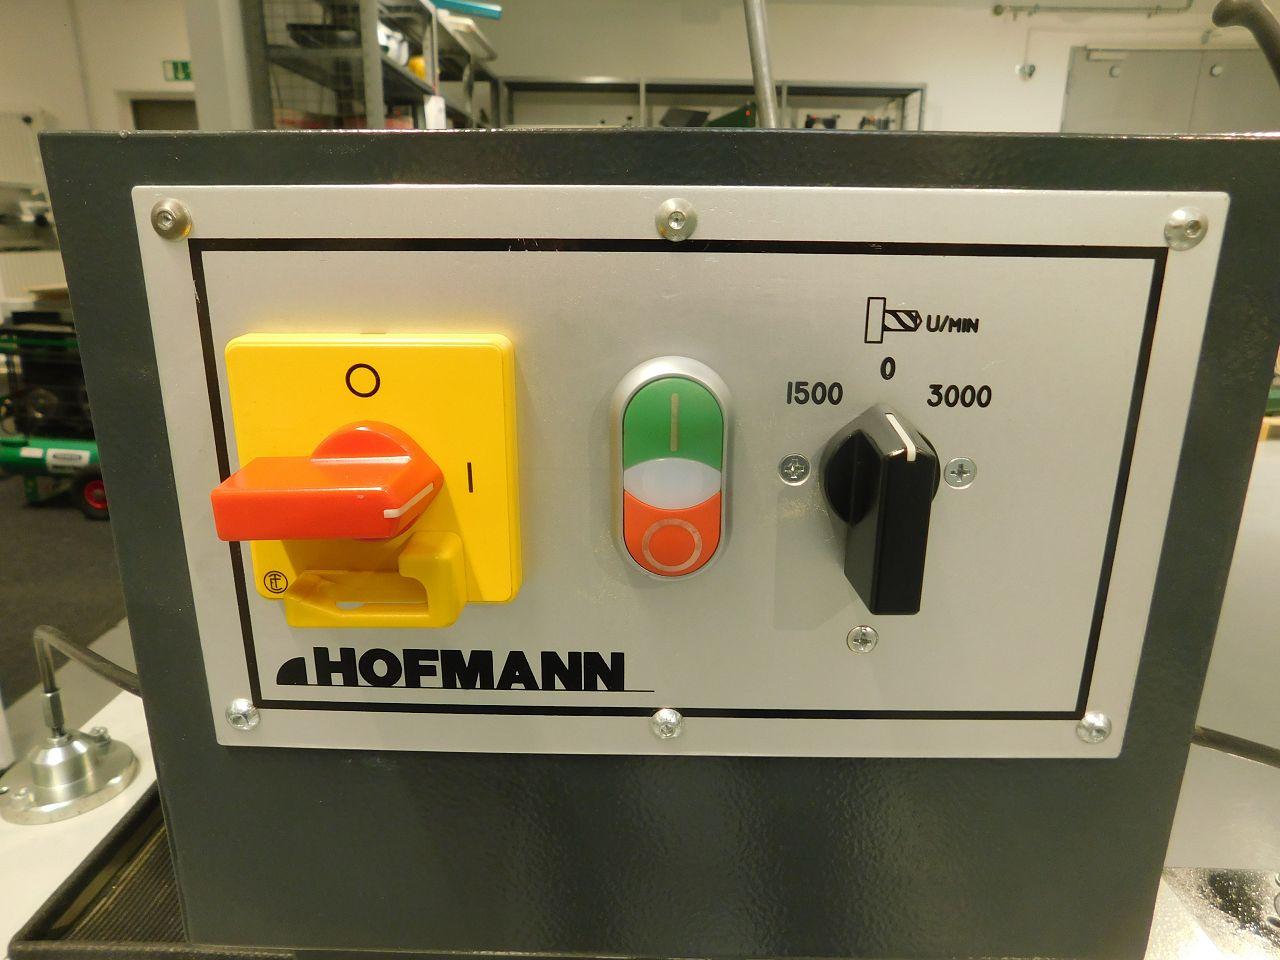 Langlochbohrmaschine LB 760 Hofmann  3 .JPGLanglochbohrmaschine LB 760 Hofmann  3